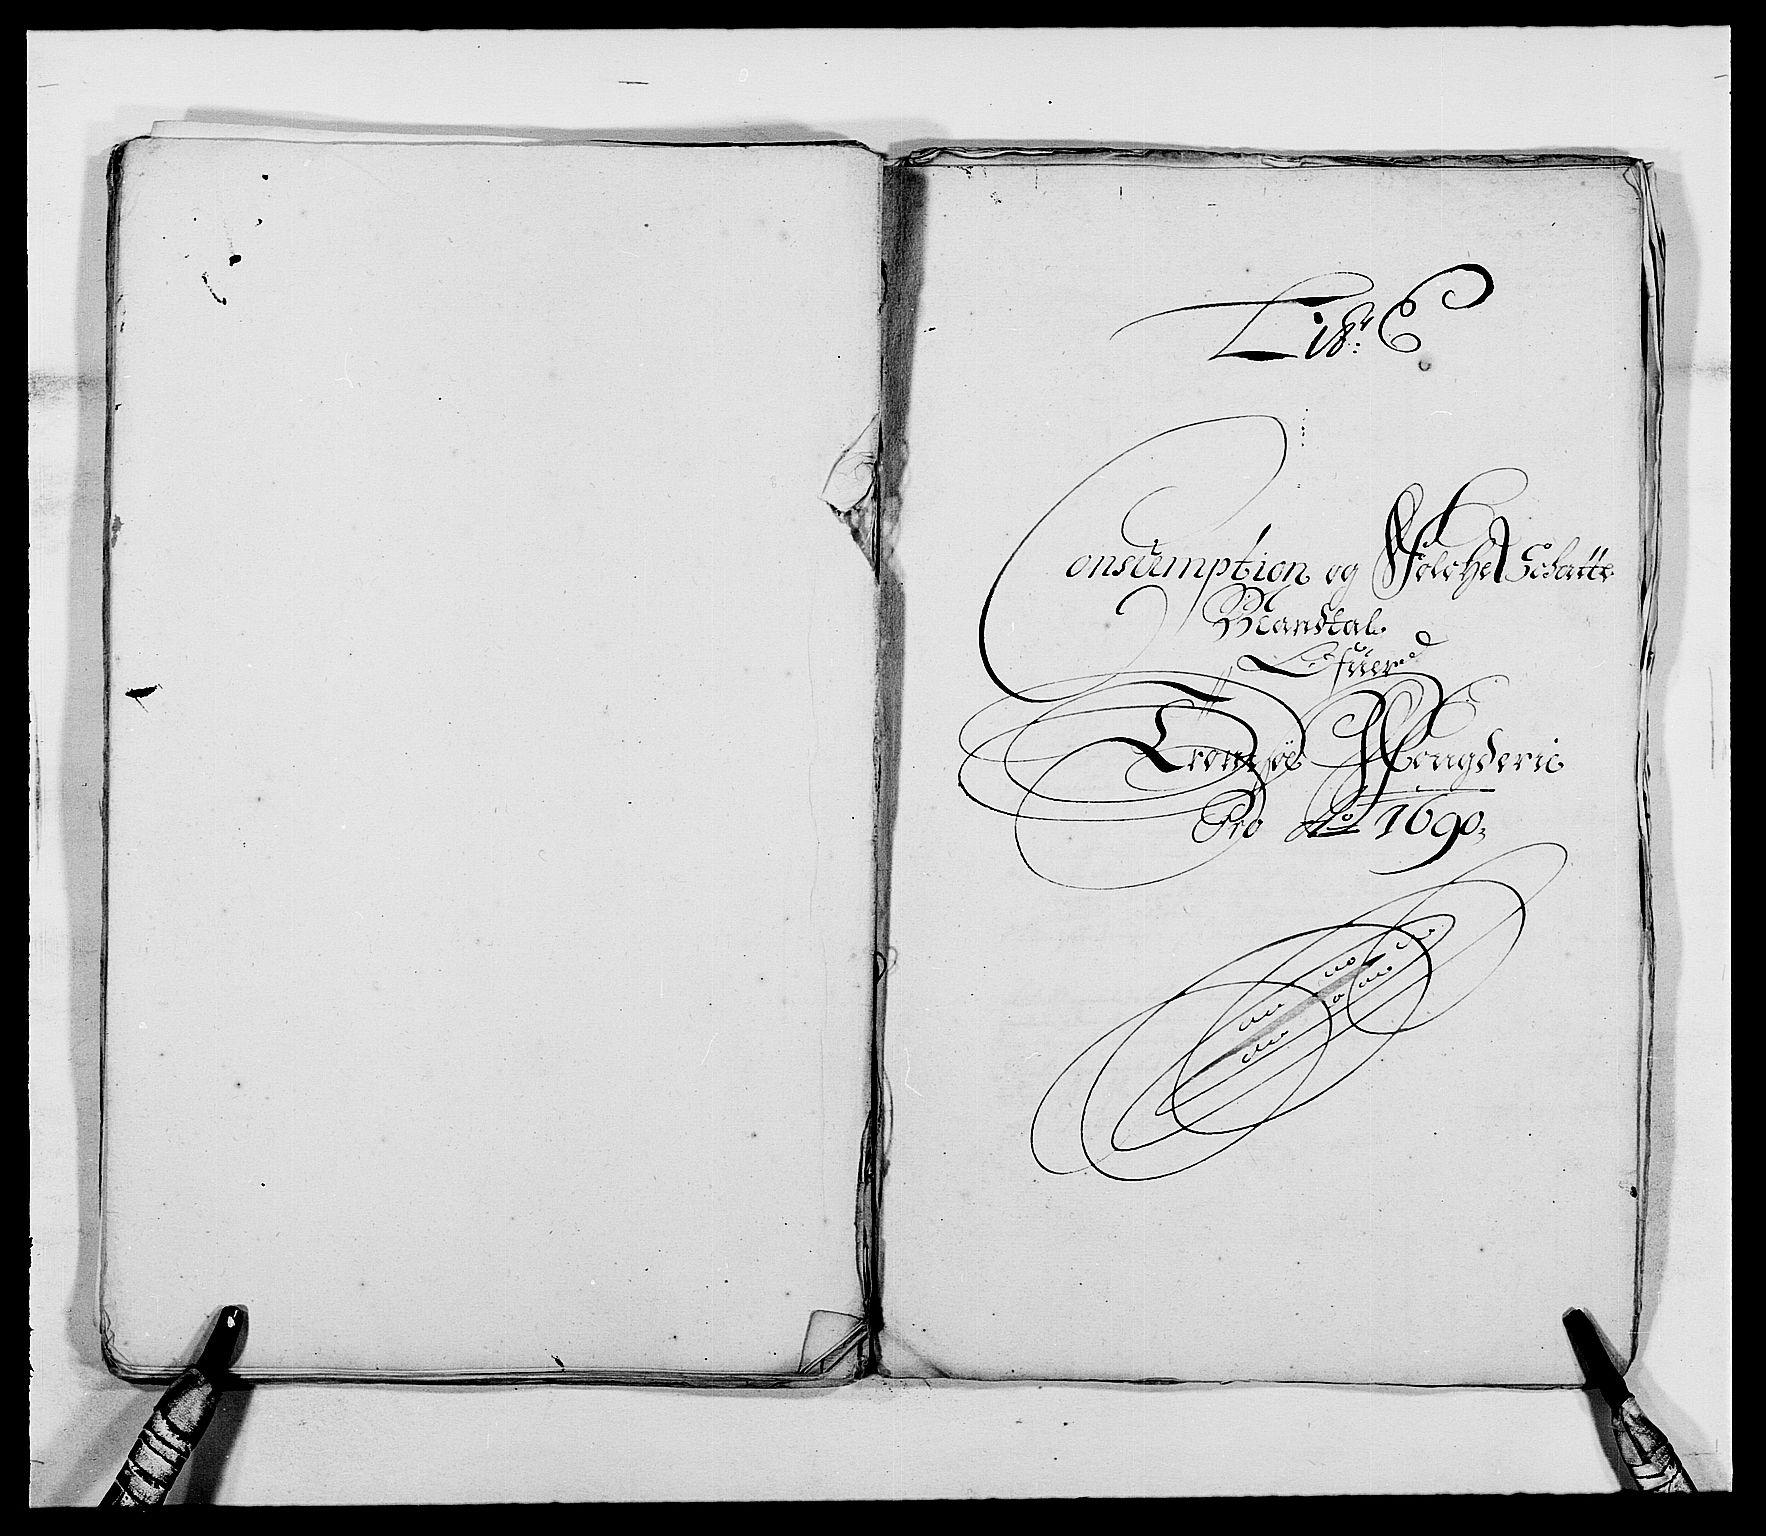 RA, Rentekammeret inntil 1814, Reviderte regnskaper, Fogderegnskap, R68/L4751: Fogderegnskap Senja og Troms, 1690-1693, s. 45